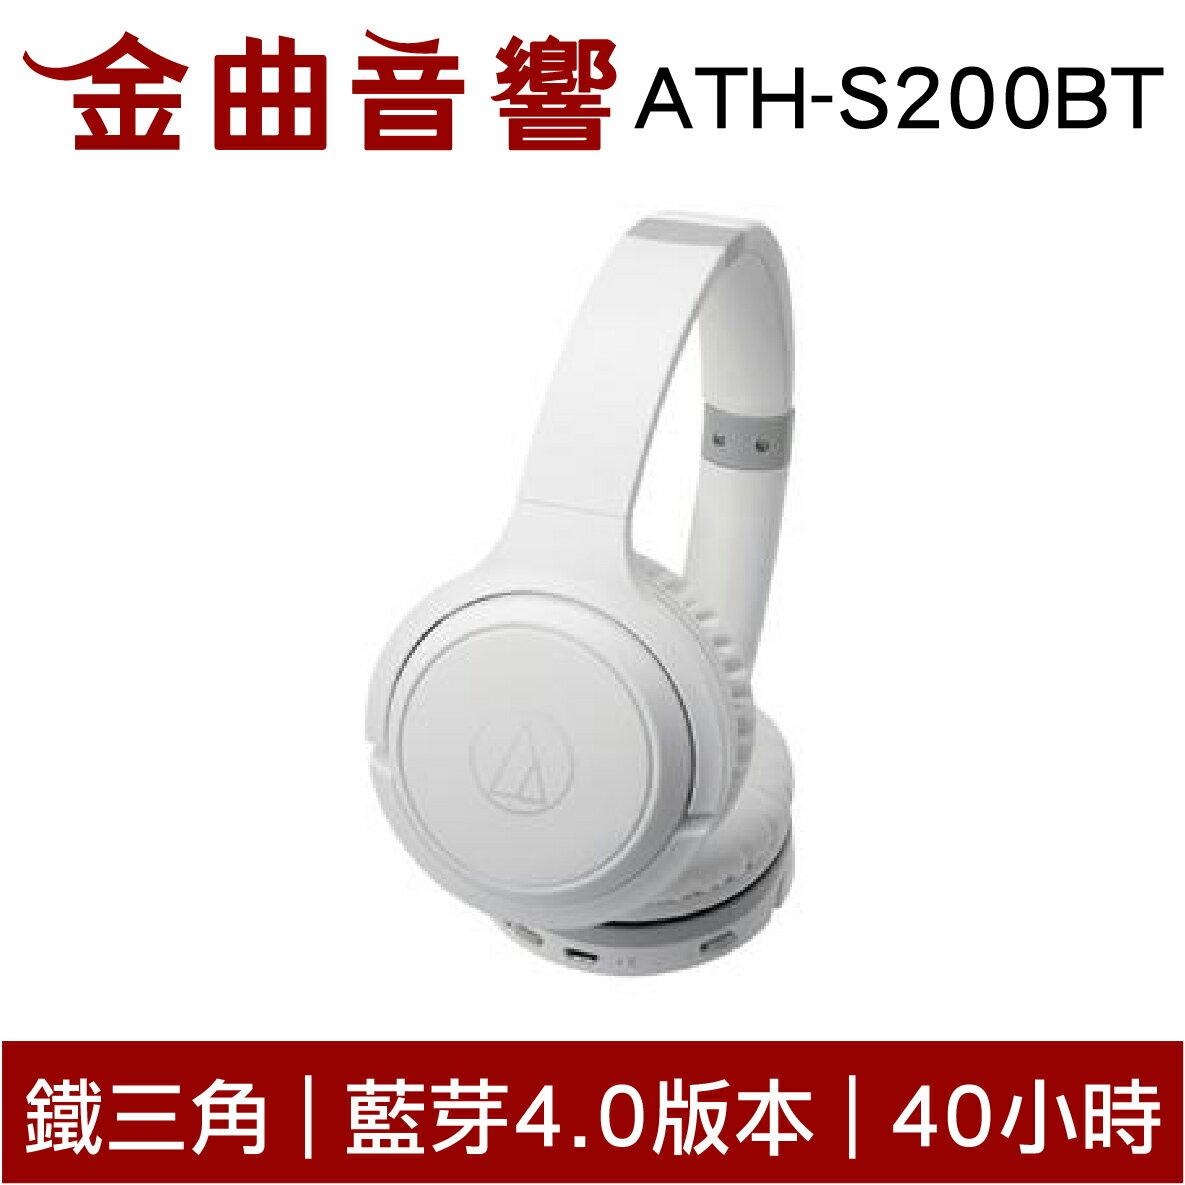 鐵三角 ATH-S200BT 四色可選 藍牙耳罩式耳機 藍牙技術   金曲音響